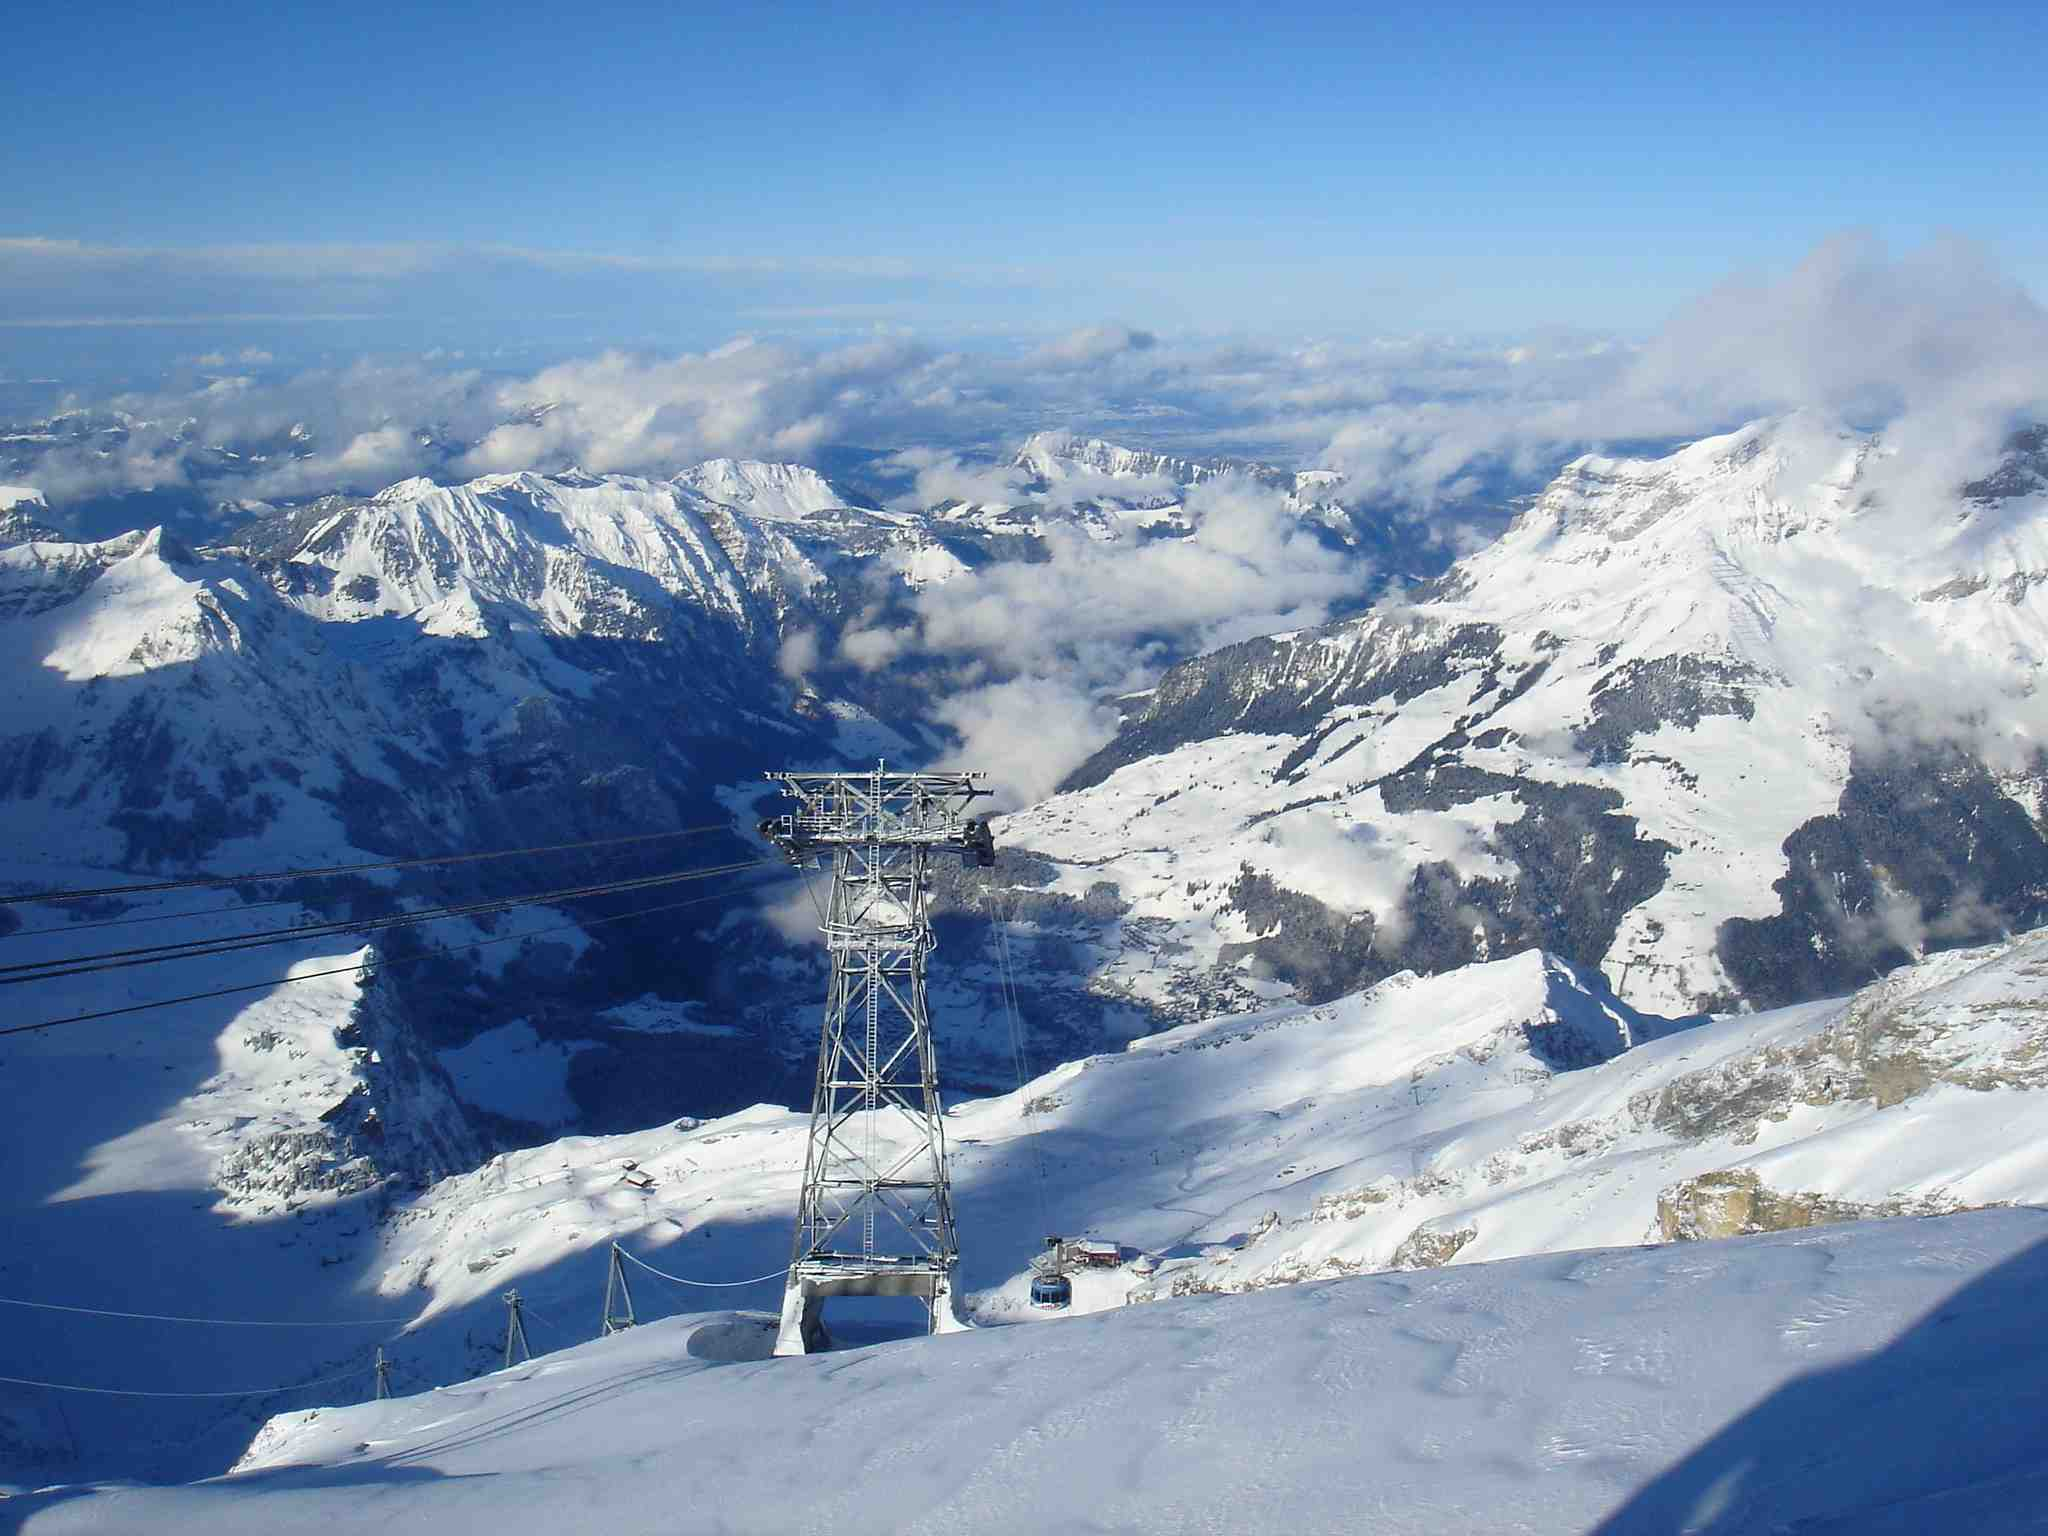 世界最漂亮的风景囹�a_世界上最大的山系是a.阿尔卑斯山系b.科迪勒拉山系 c.